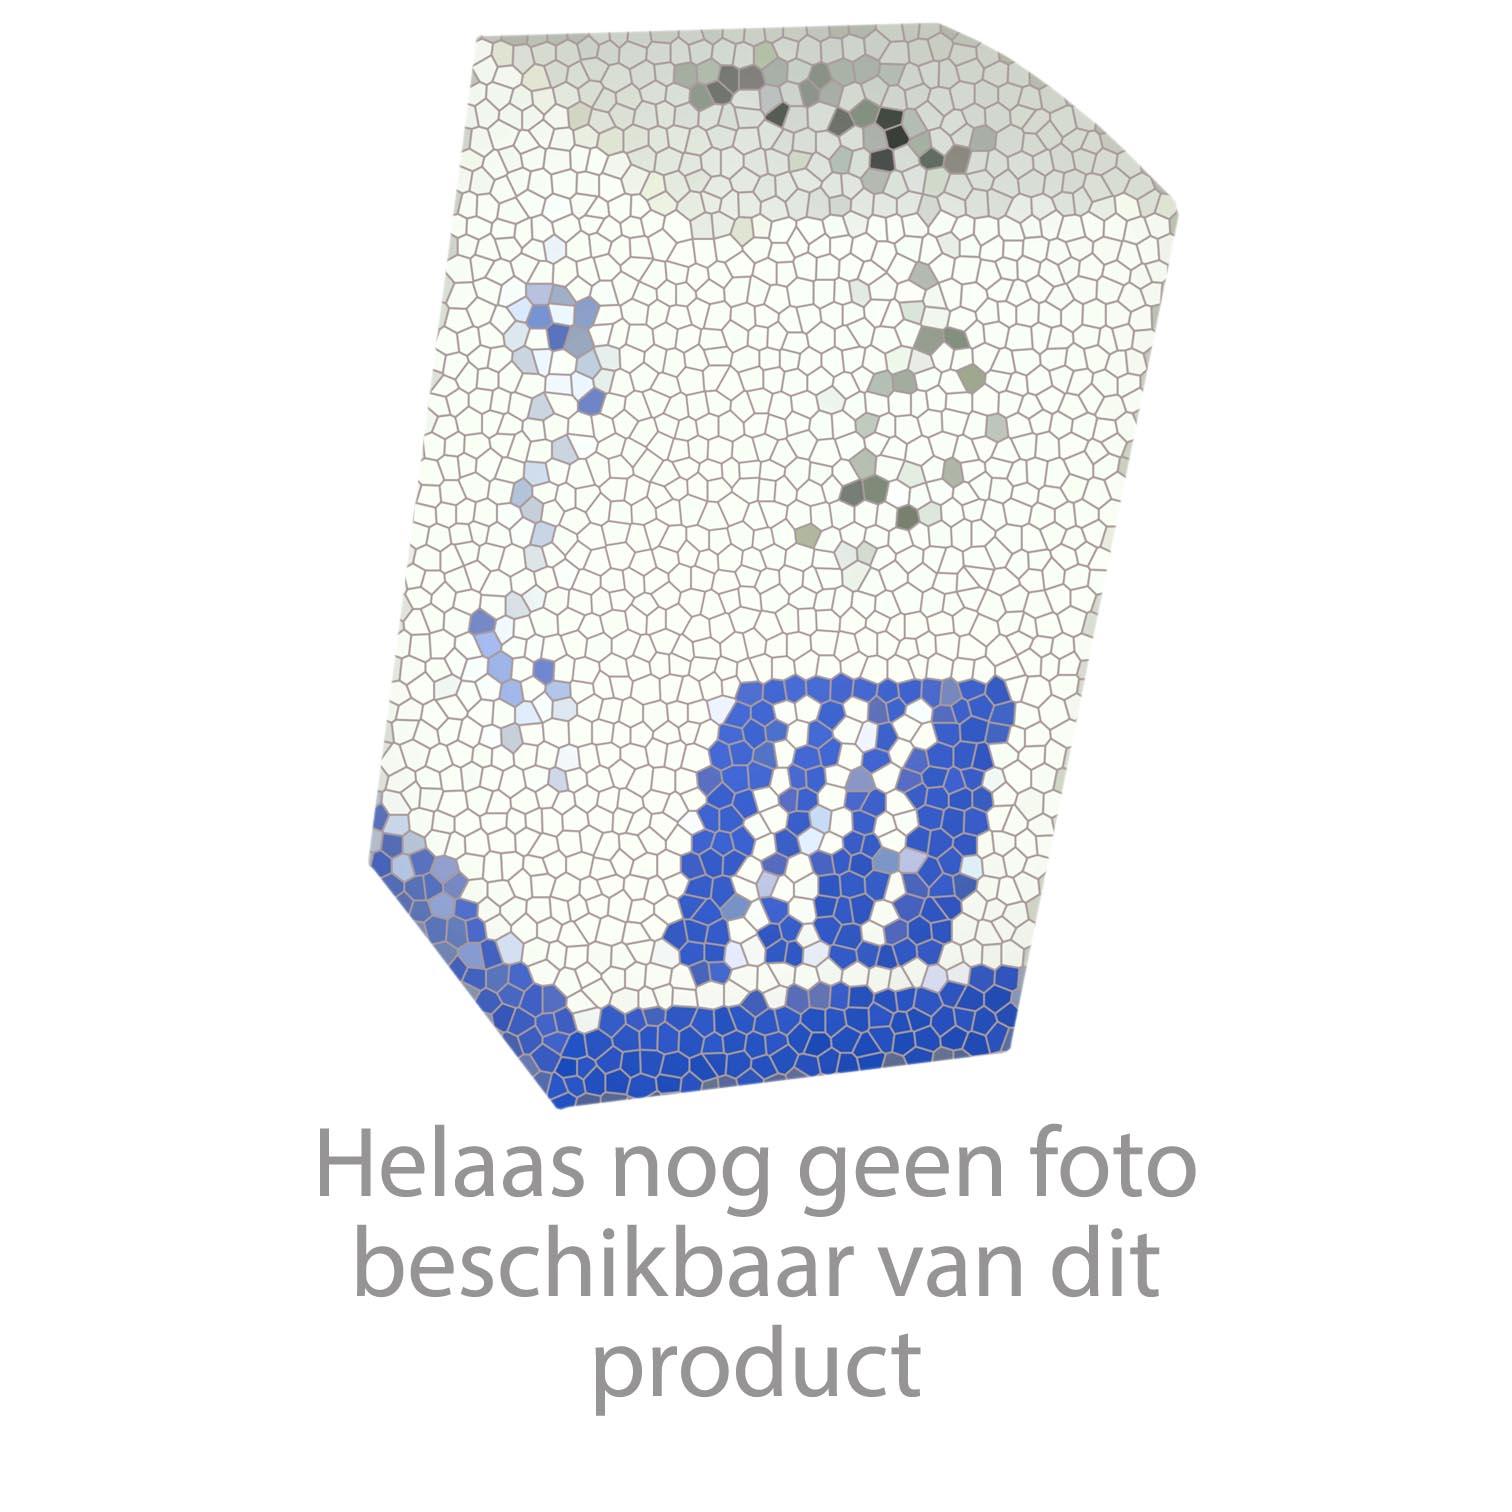 HansGrohe Afvoer- en overloopgarnituren Starolift '52 productiejaar > 04/95 60053 onderdelen